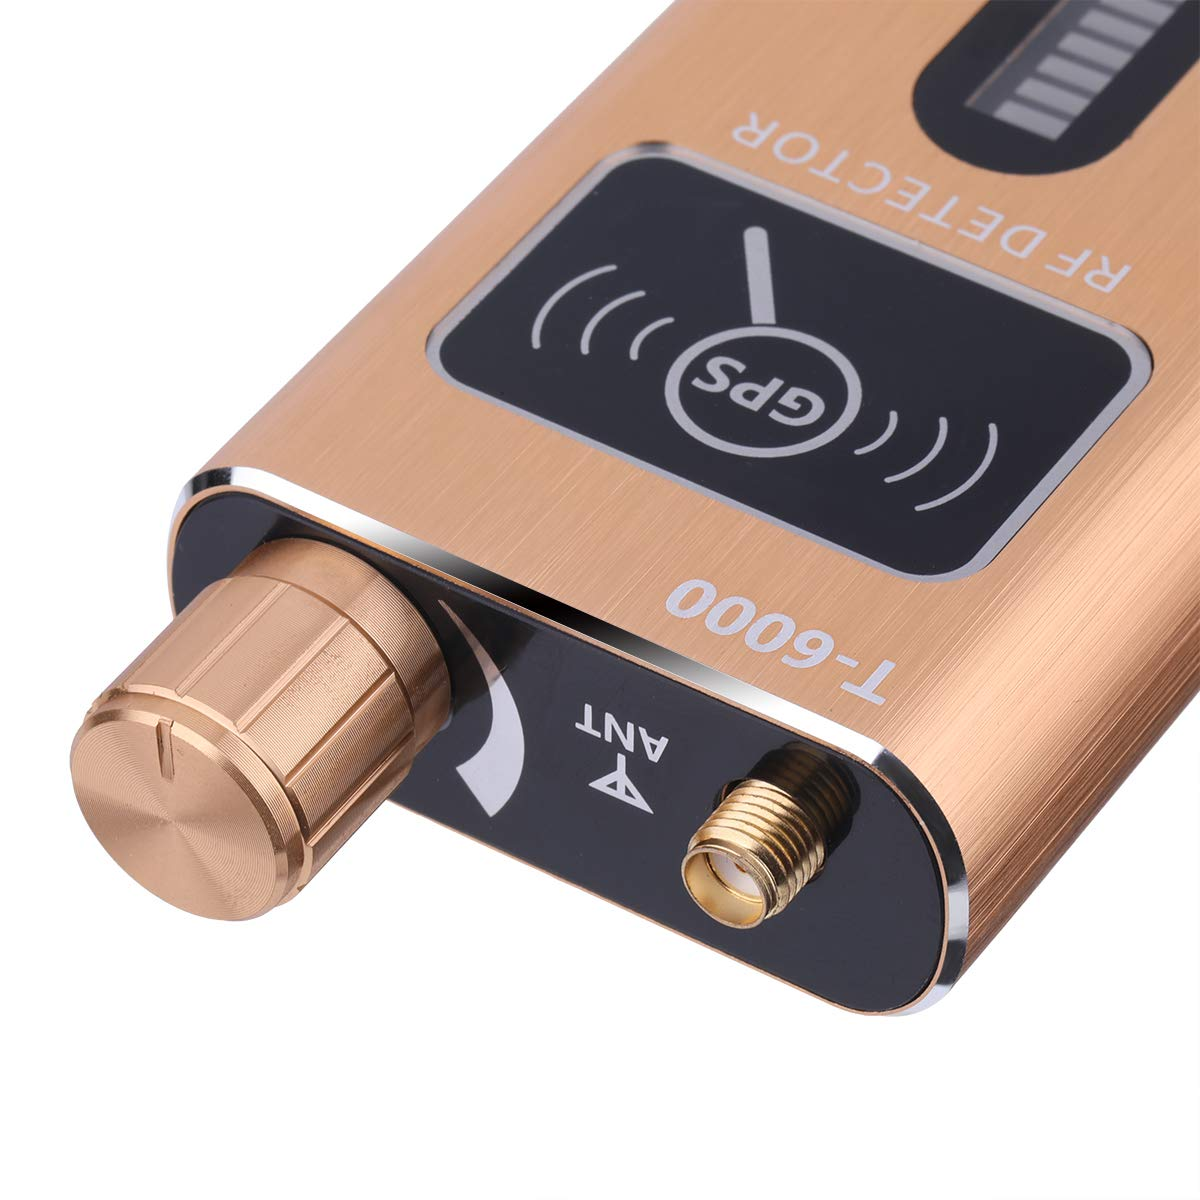 Winnes professionale wireless telecamera nascosta rilevatore ad alta sensibilit/à anti-spy segnale RF Bug detector